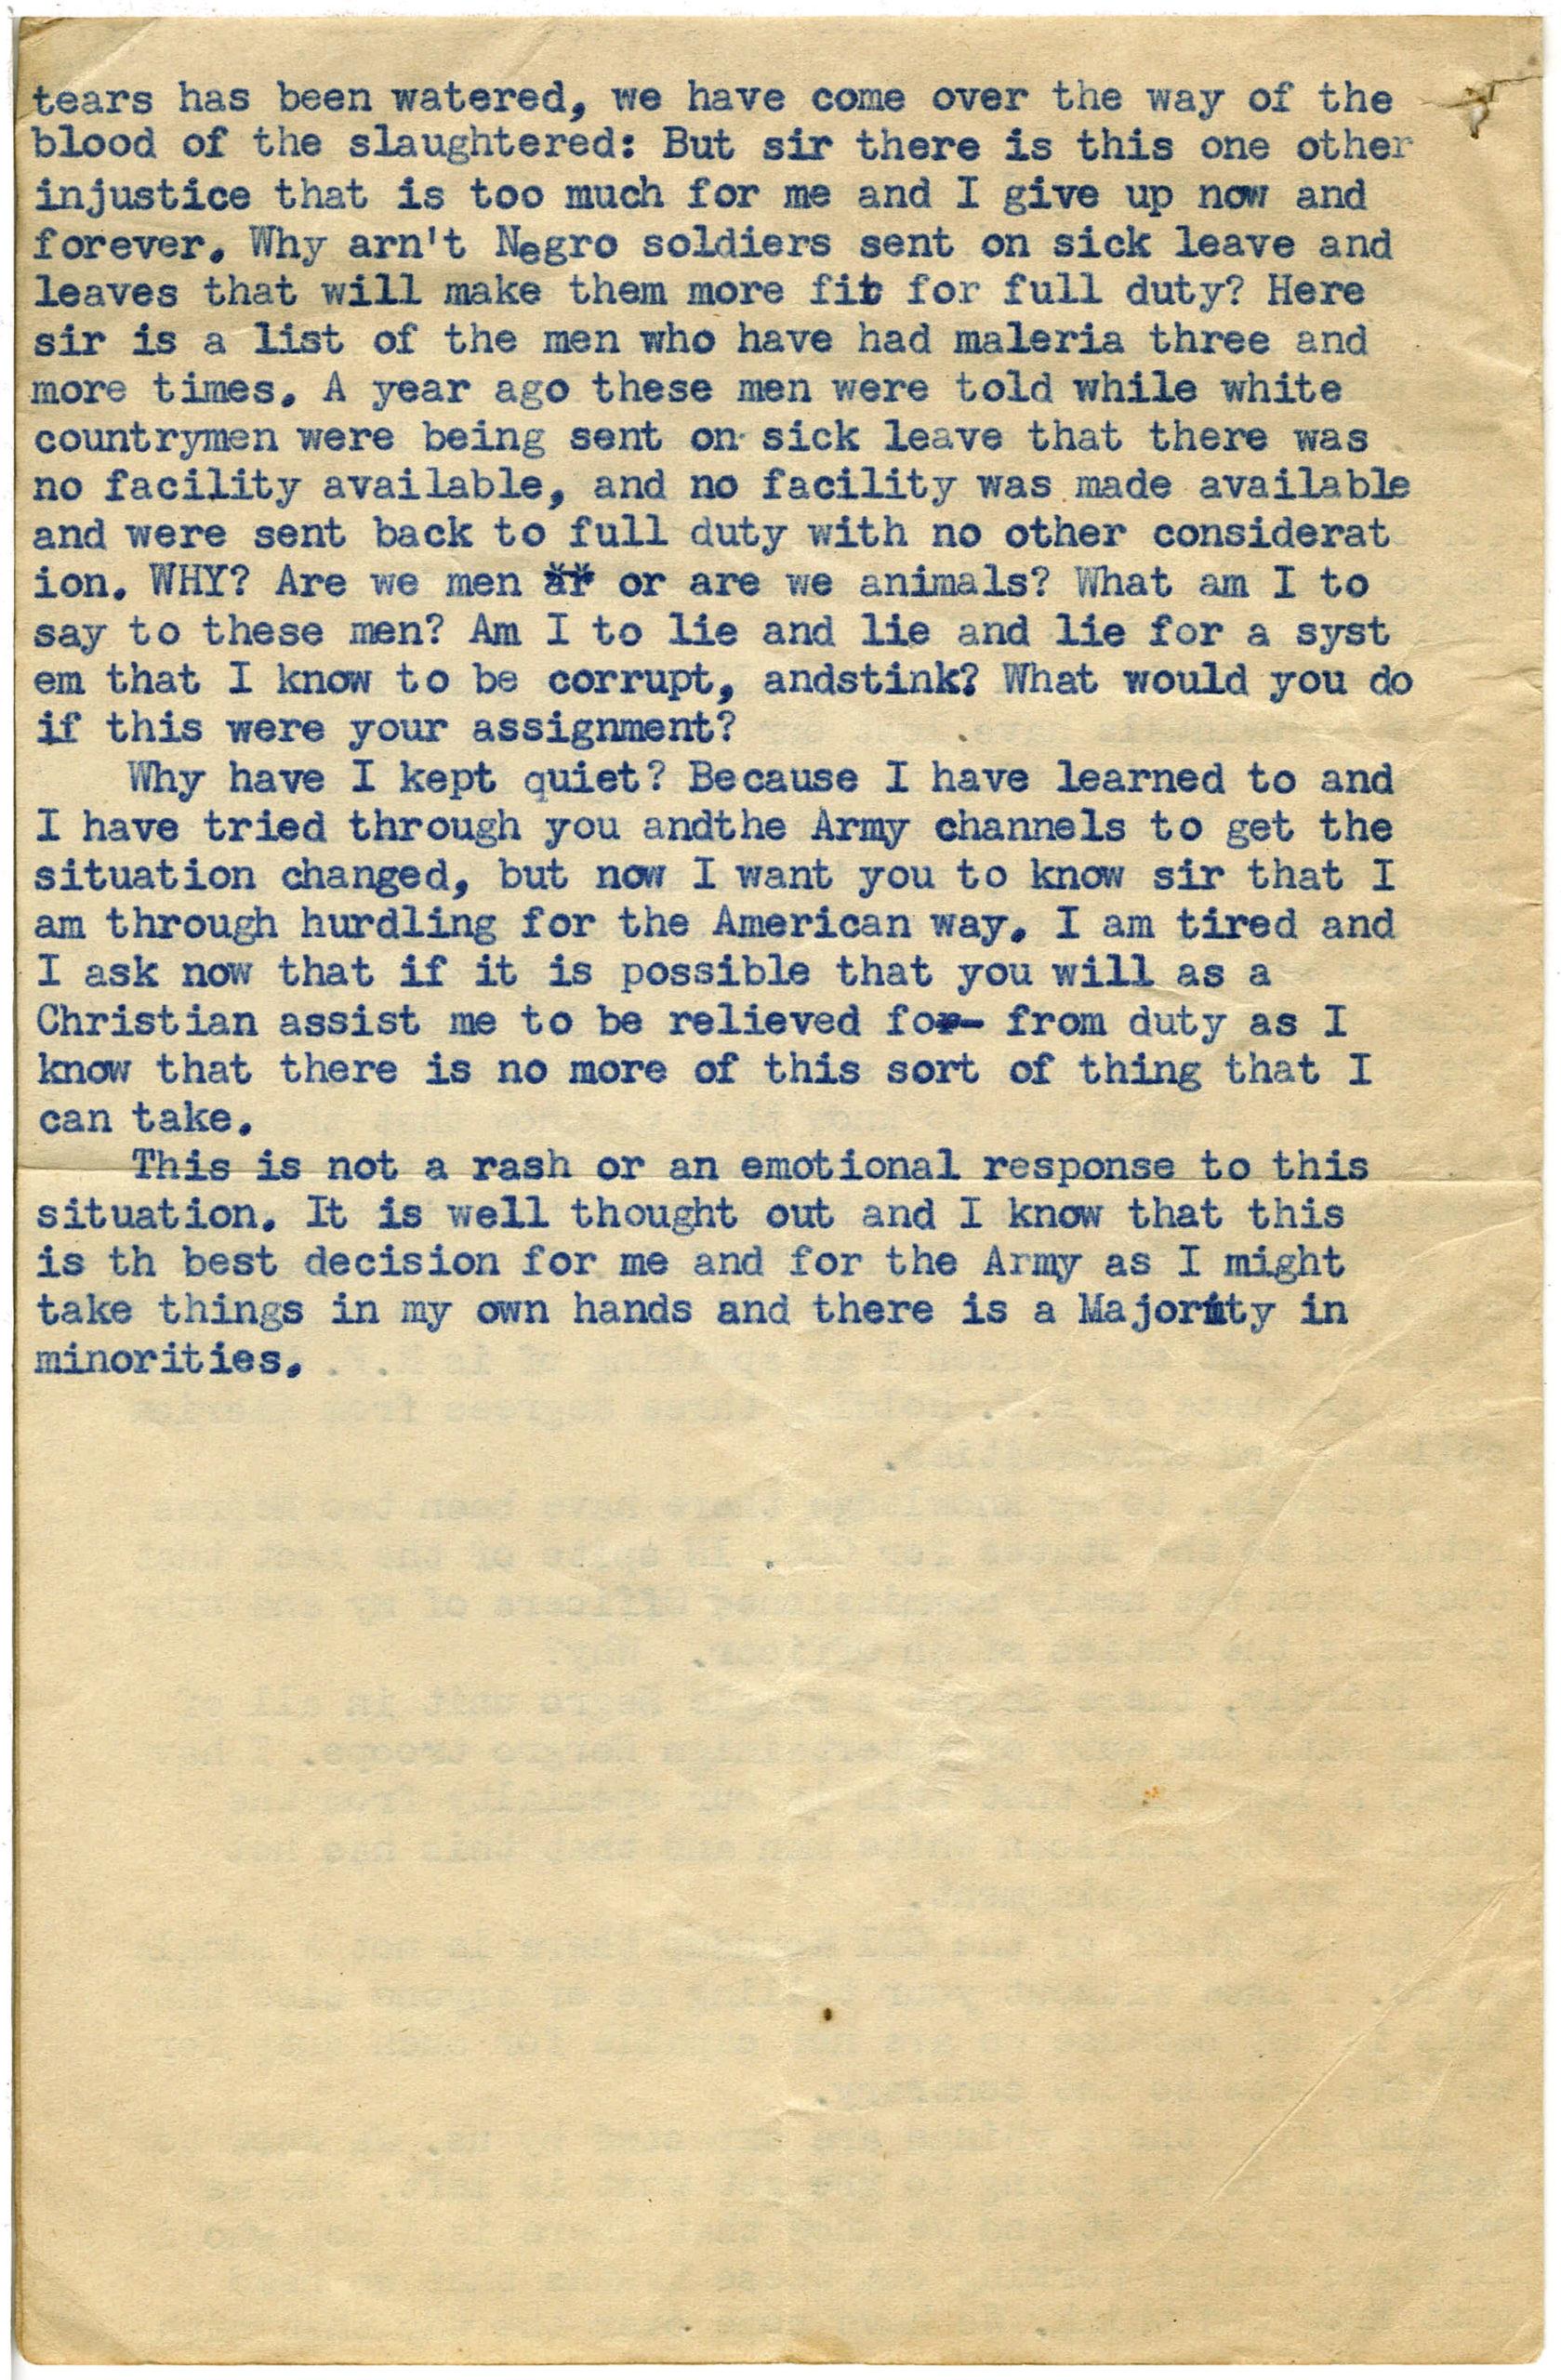 """""""Correspondence to Chaplain Nolan , Penn, Robert E., circa 1945-1946, Robert E. Penn collection"""""""